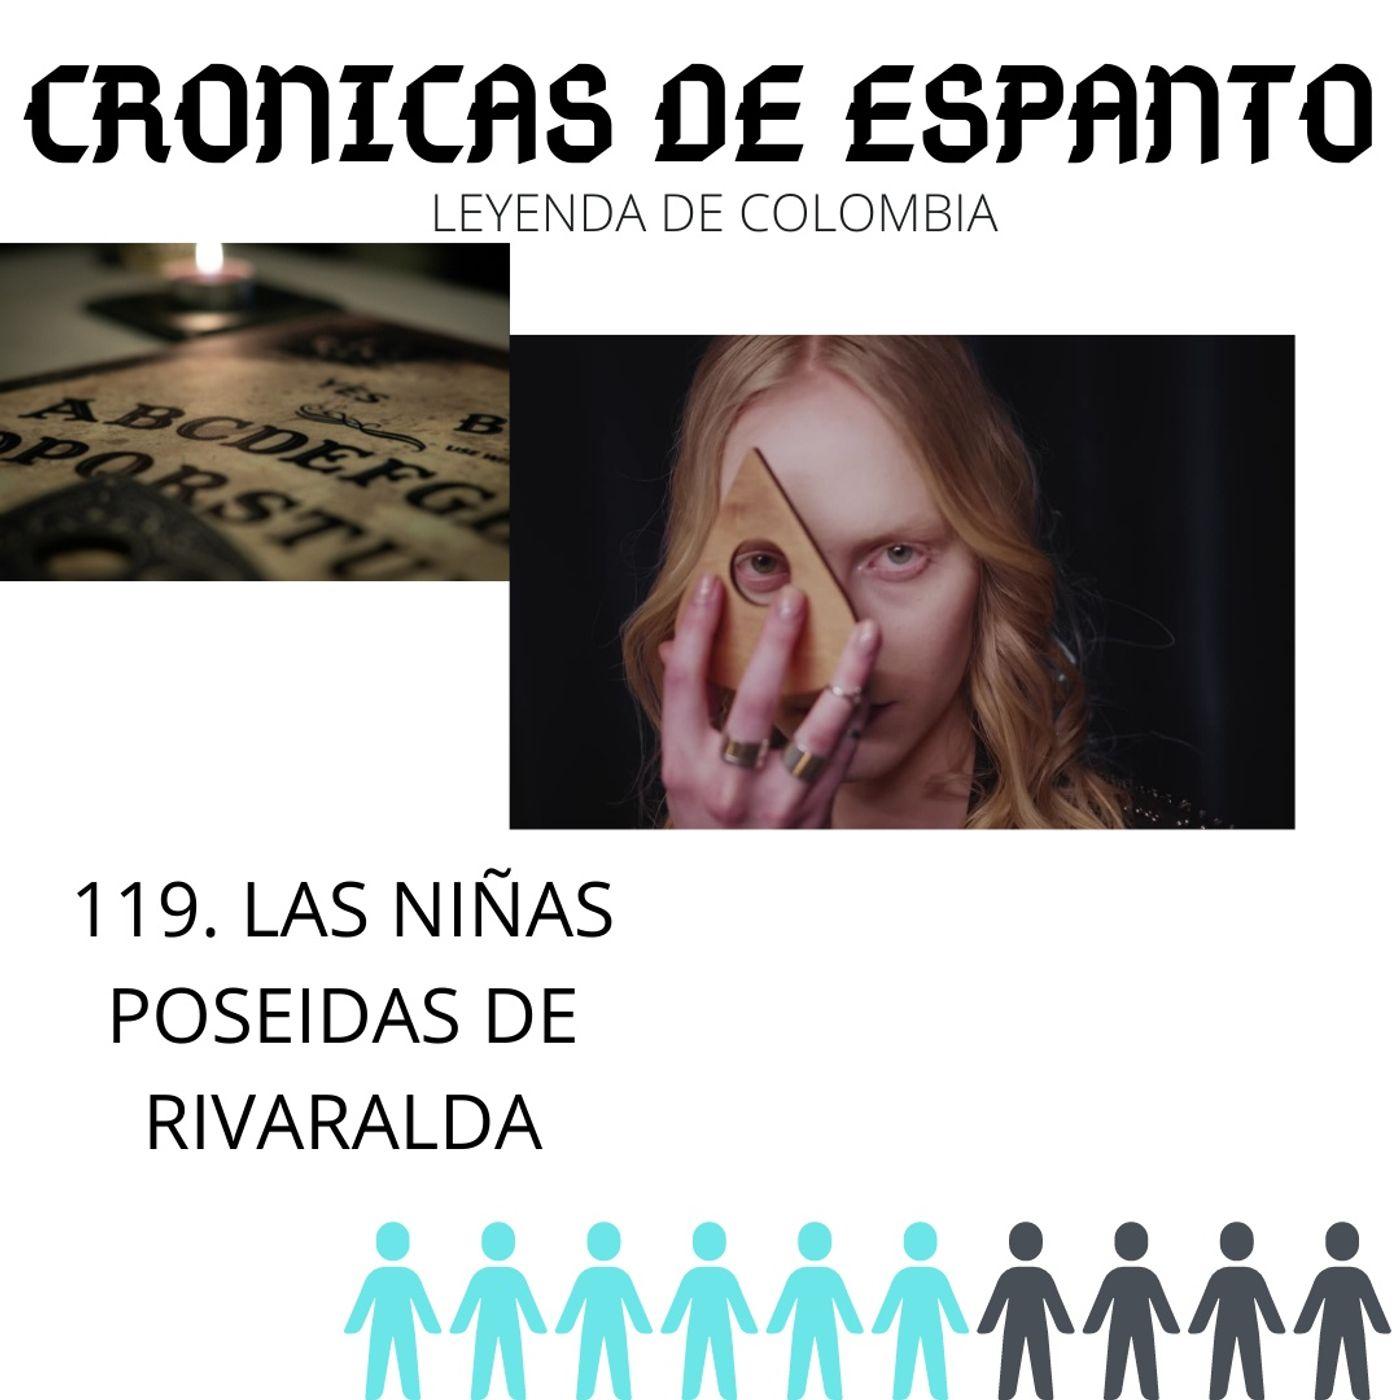 119. Las niñas poseidas de Rivaralda.